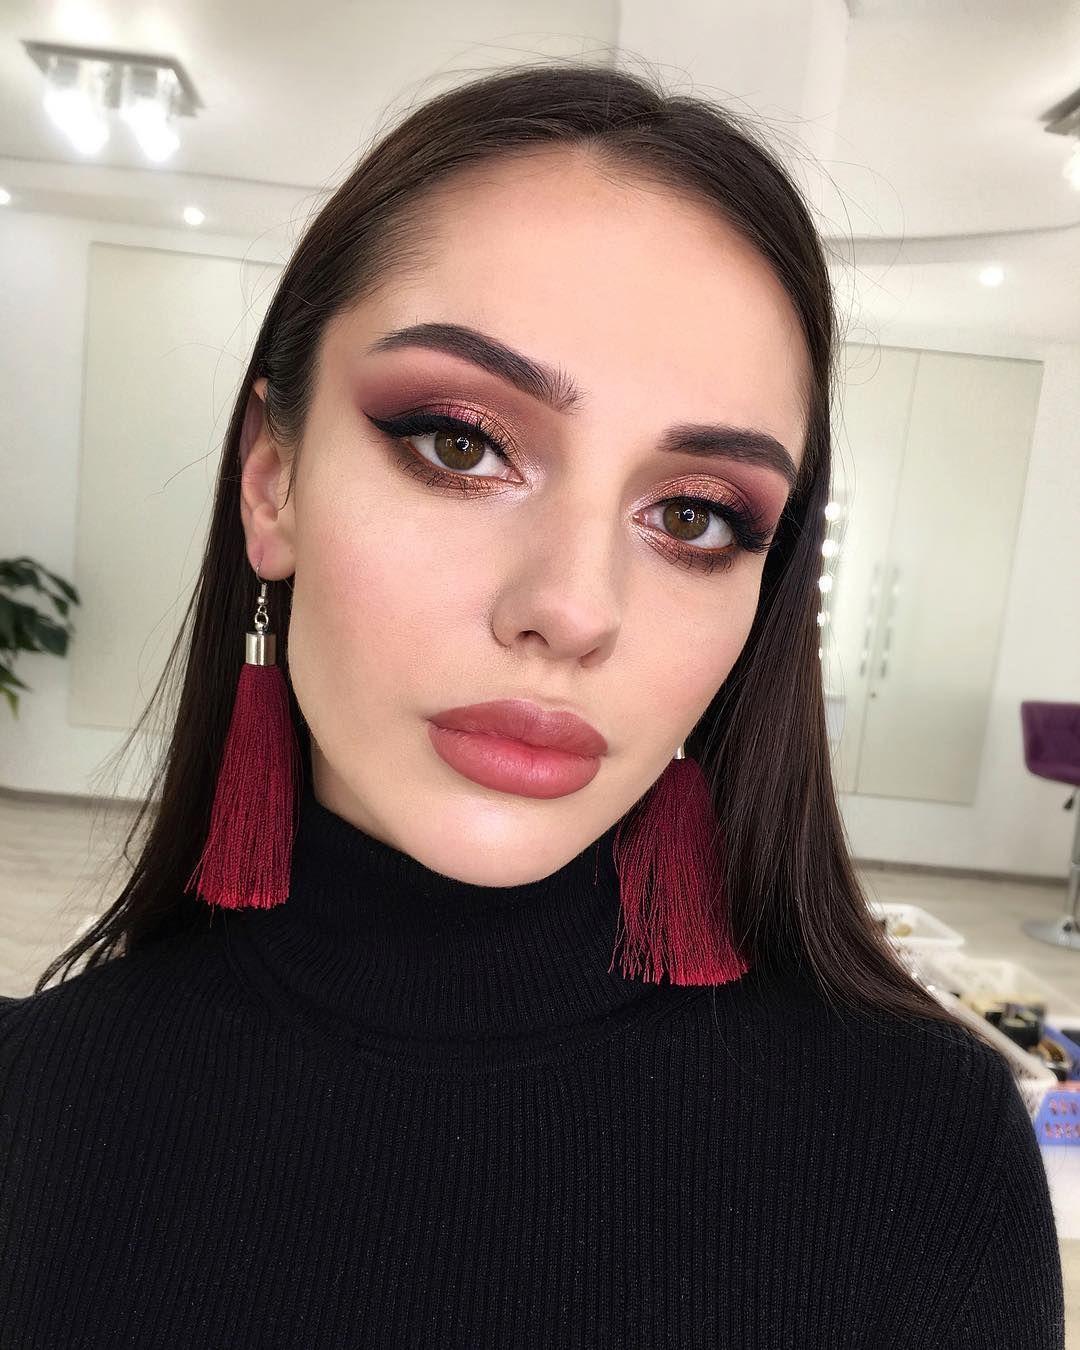 """Визажист 💜 Школа Макияжа Киев auf Instagram: """"Сегодня был #beautymakeup ❤️думаю, вы смотрели сторис😉а еще засняла весь процесс создания этого макияжа🎞 Монтировать видео-урок⁉️ …"""""""